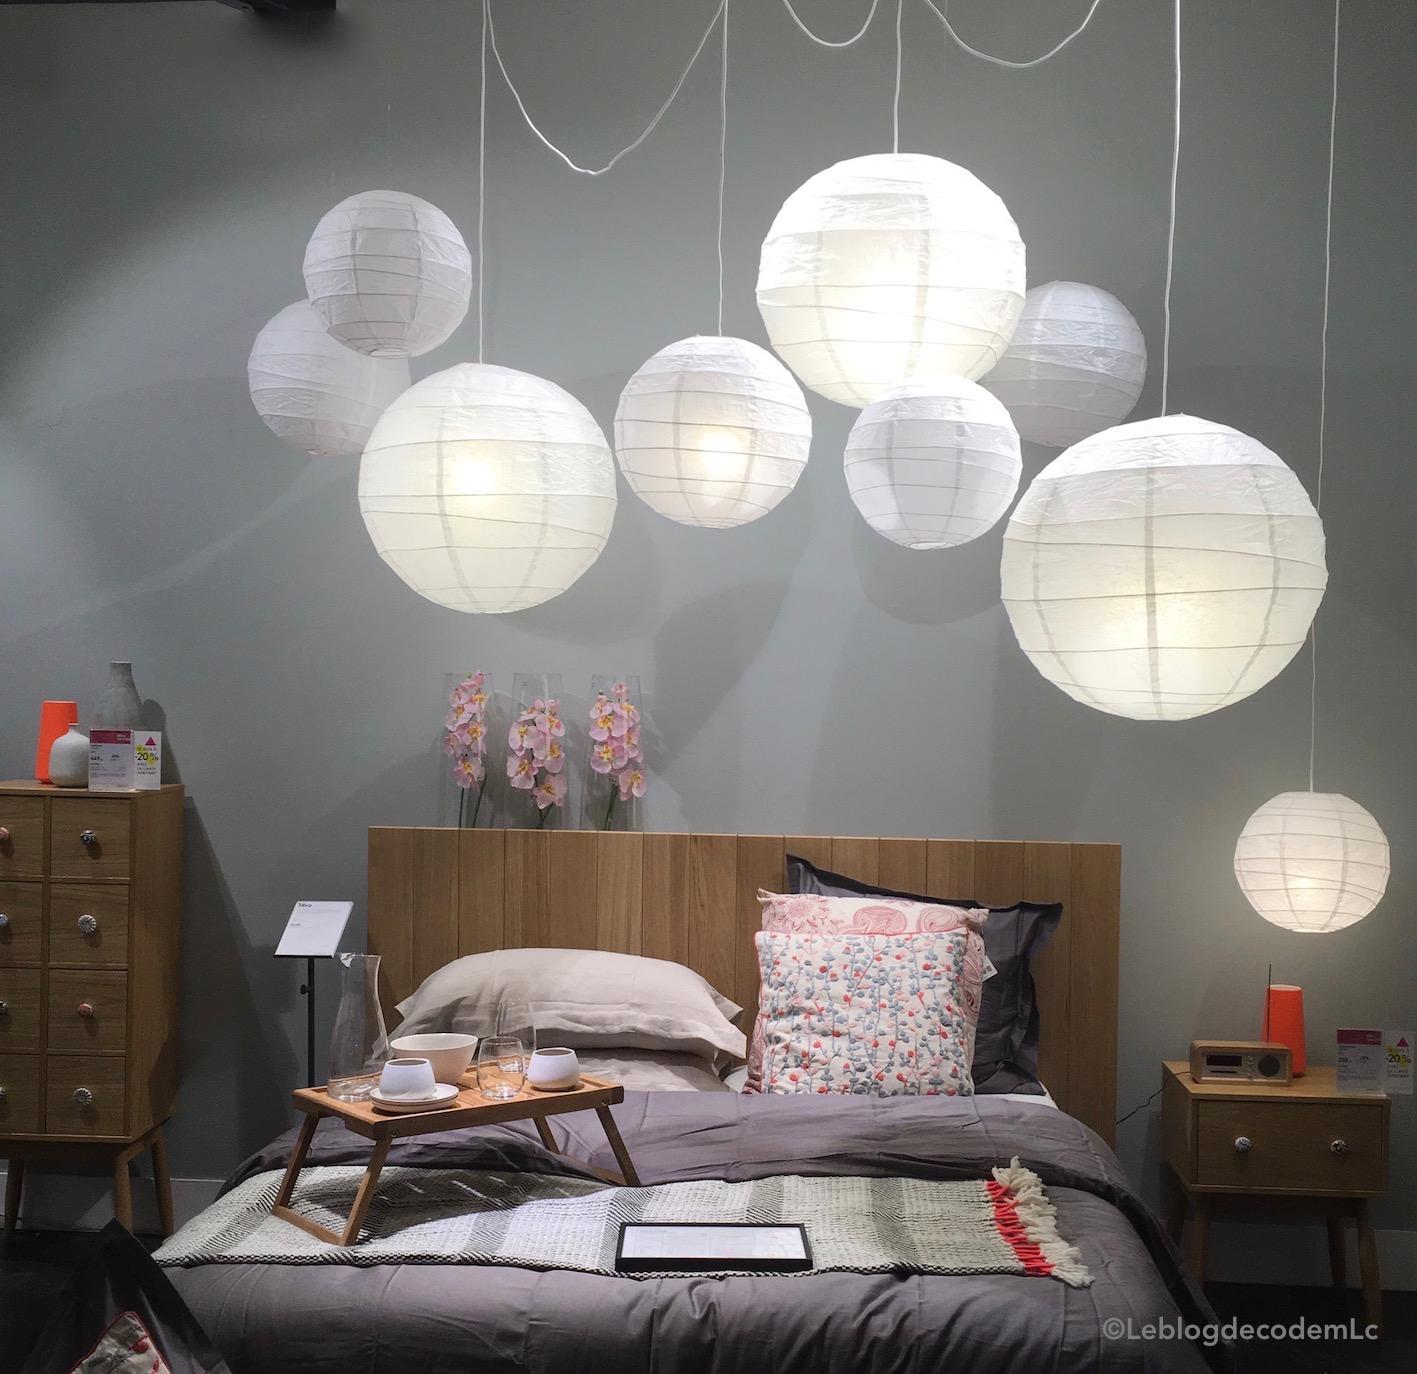 La lampe de chevet se place en suspension dans la chambre le blog d co de mlc - Lustres pour chambre ...